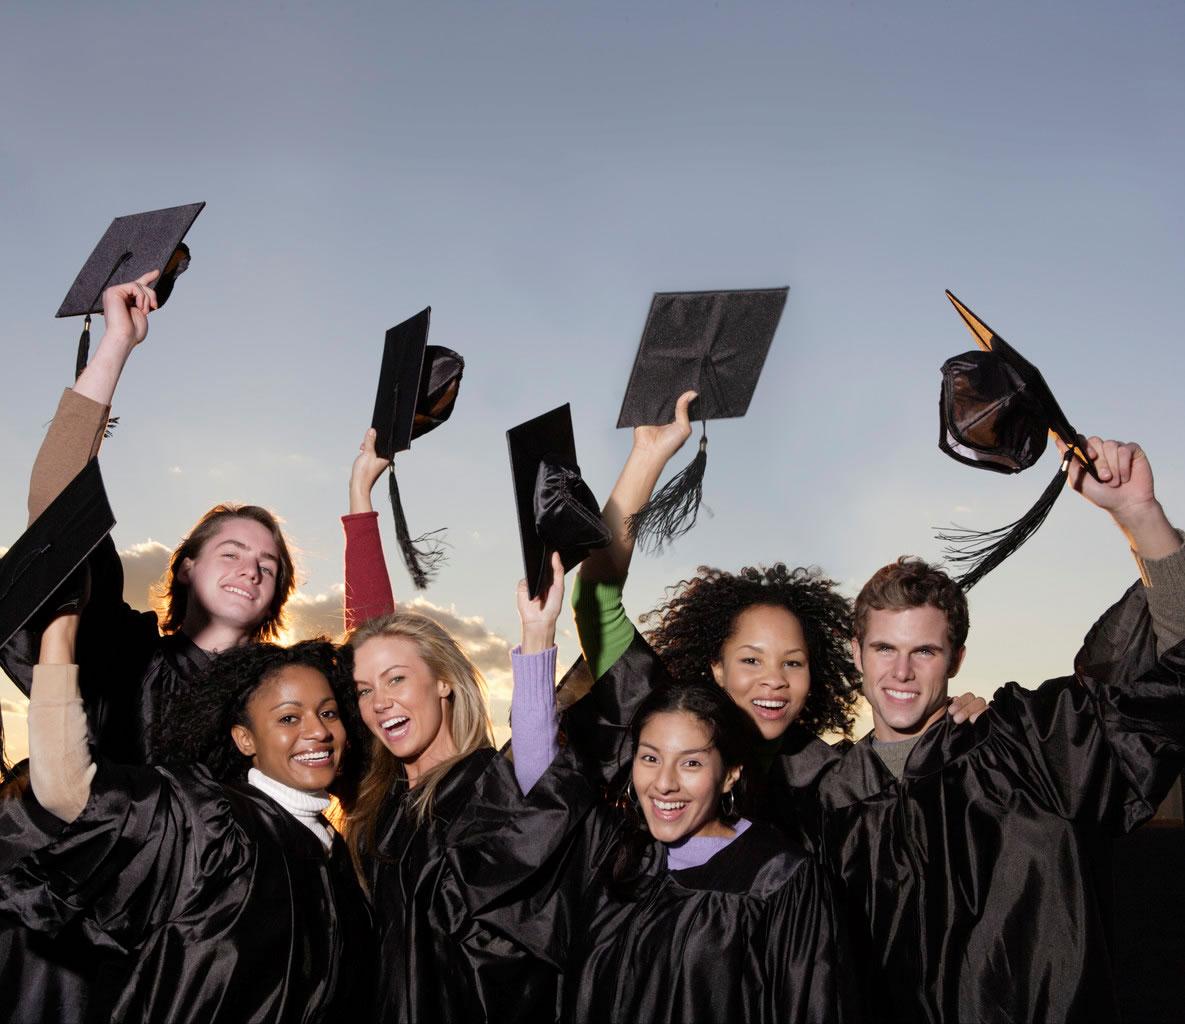 Как подтвердить диплом в США 🚩 российский диплом в сша  Как подтвердить диплом в США